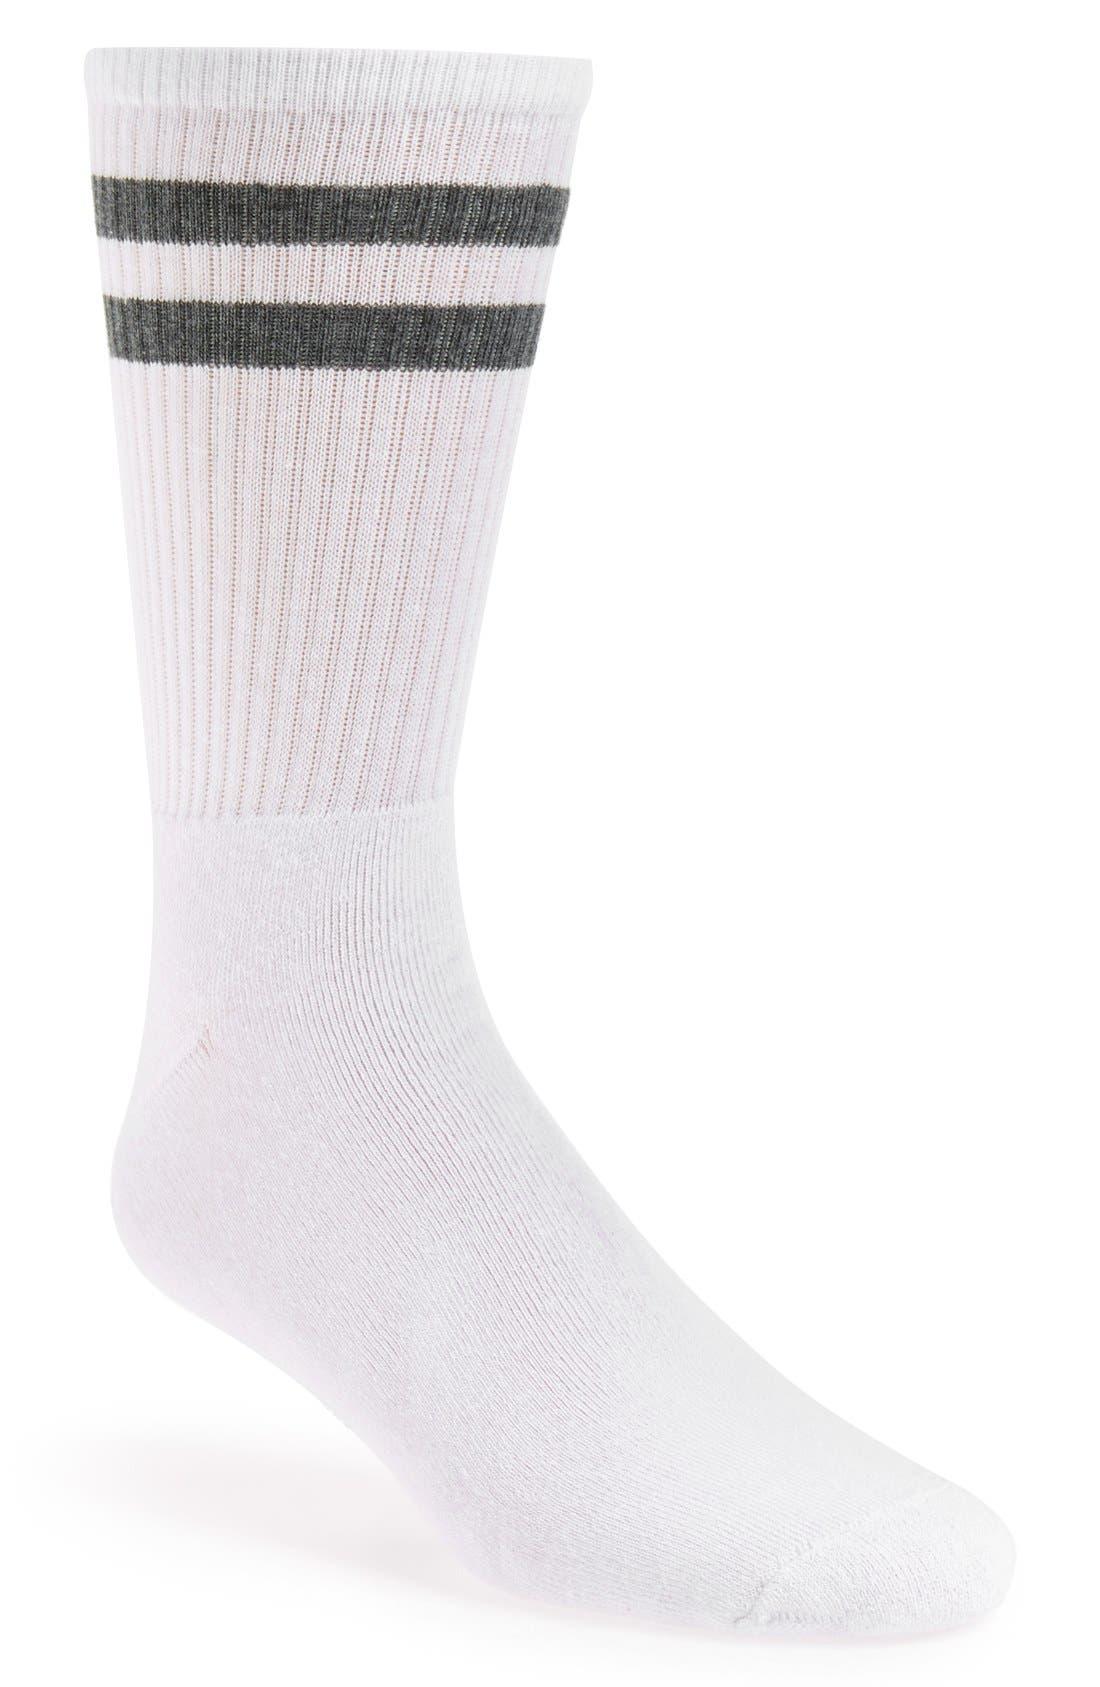 Topman Stripe Tube Socks